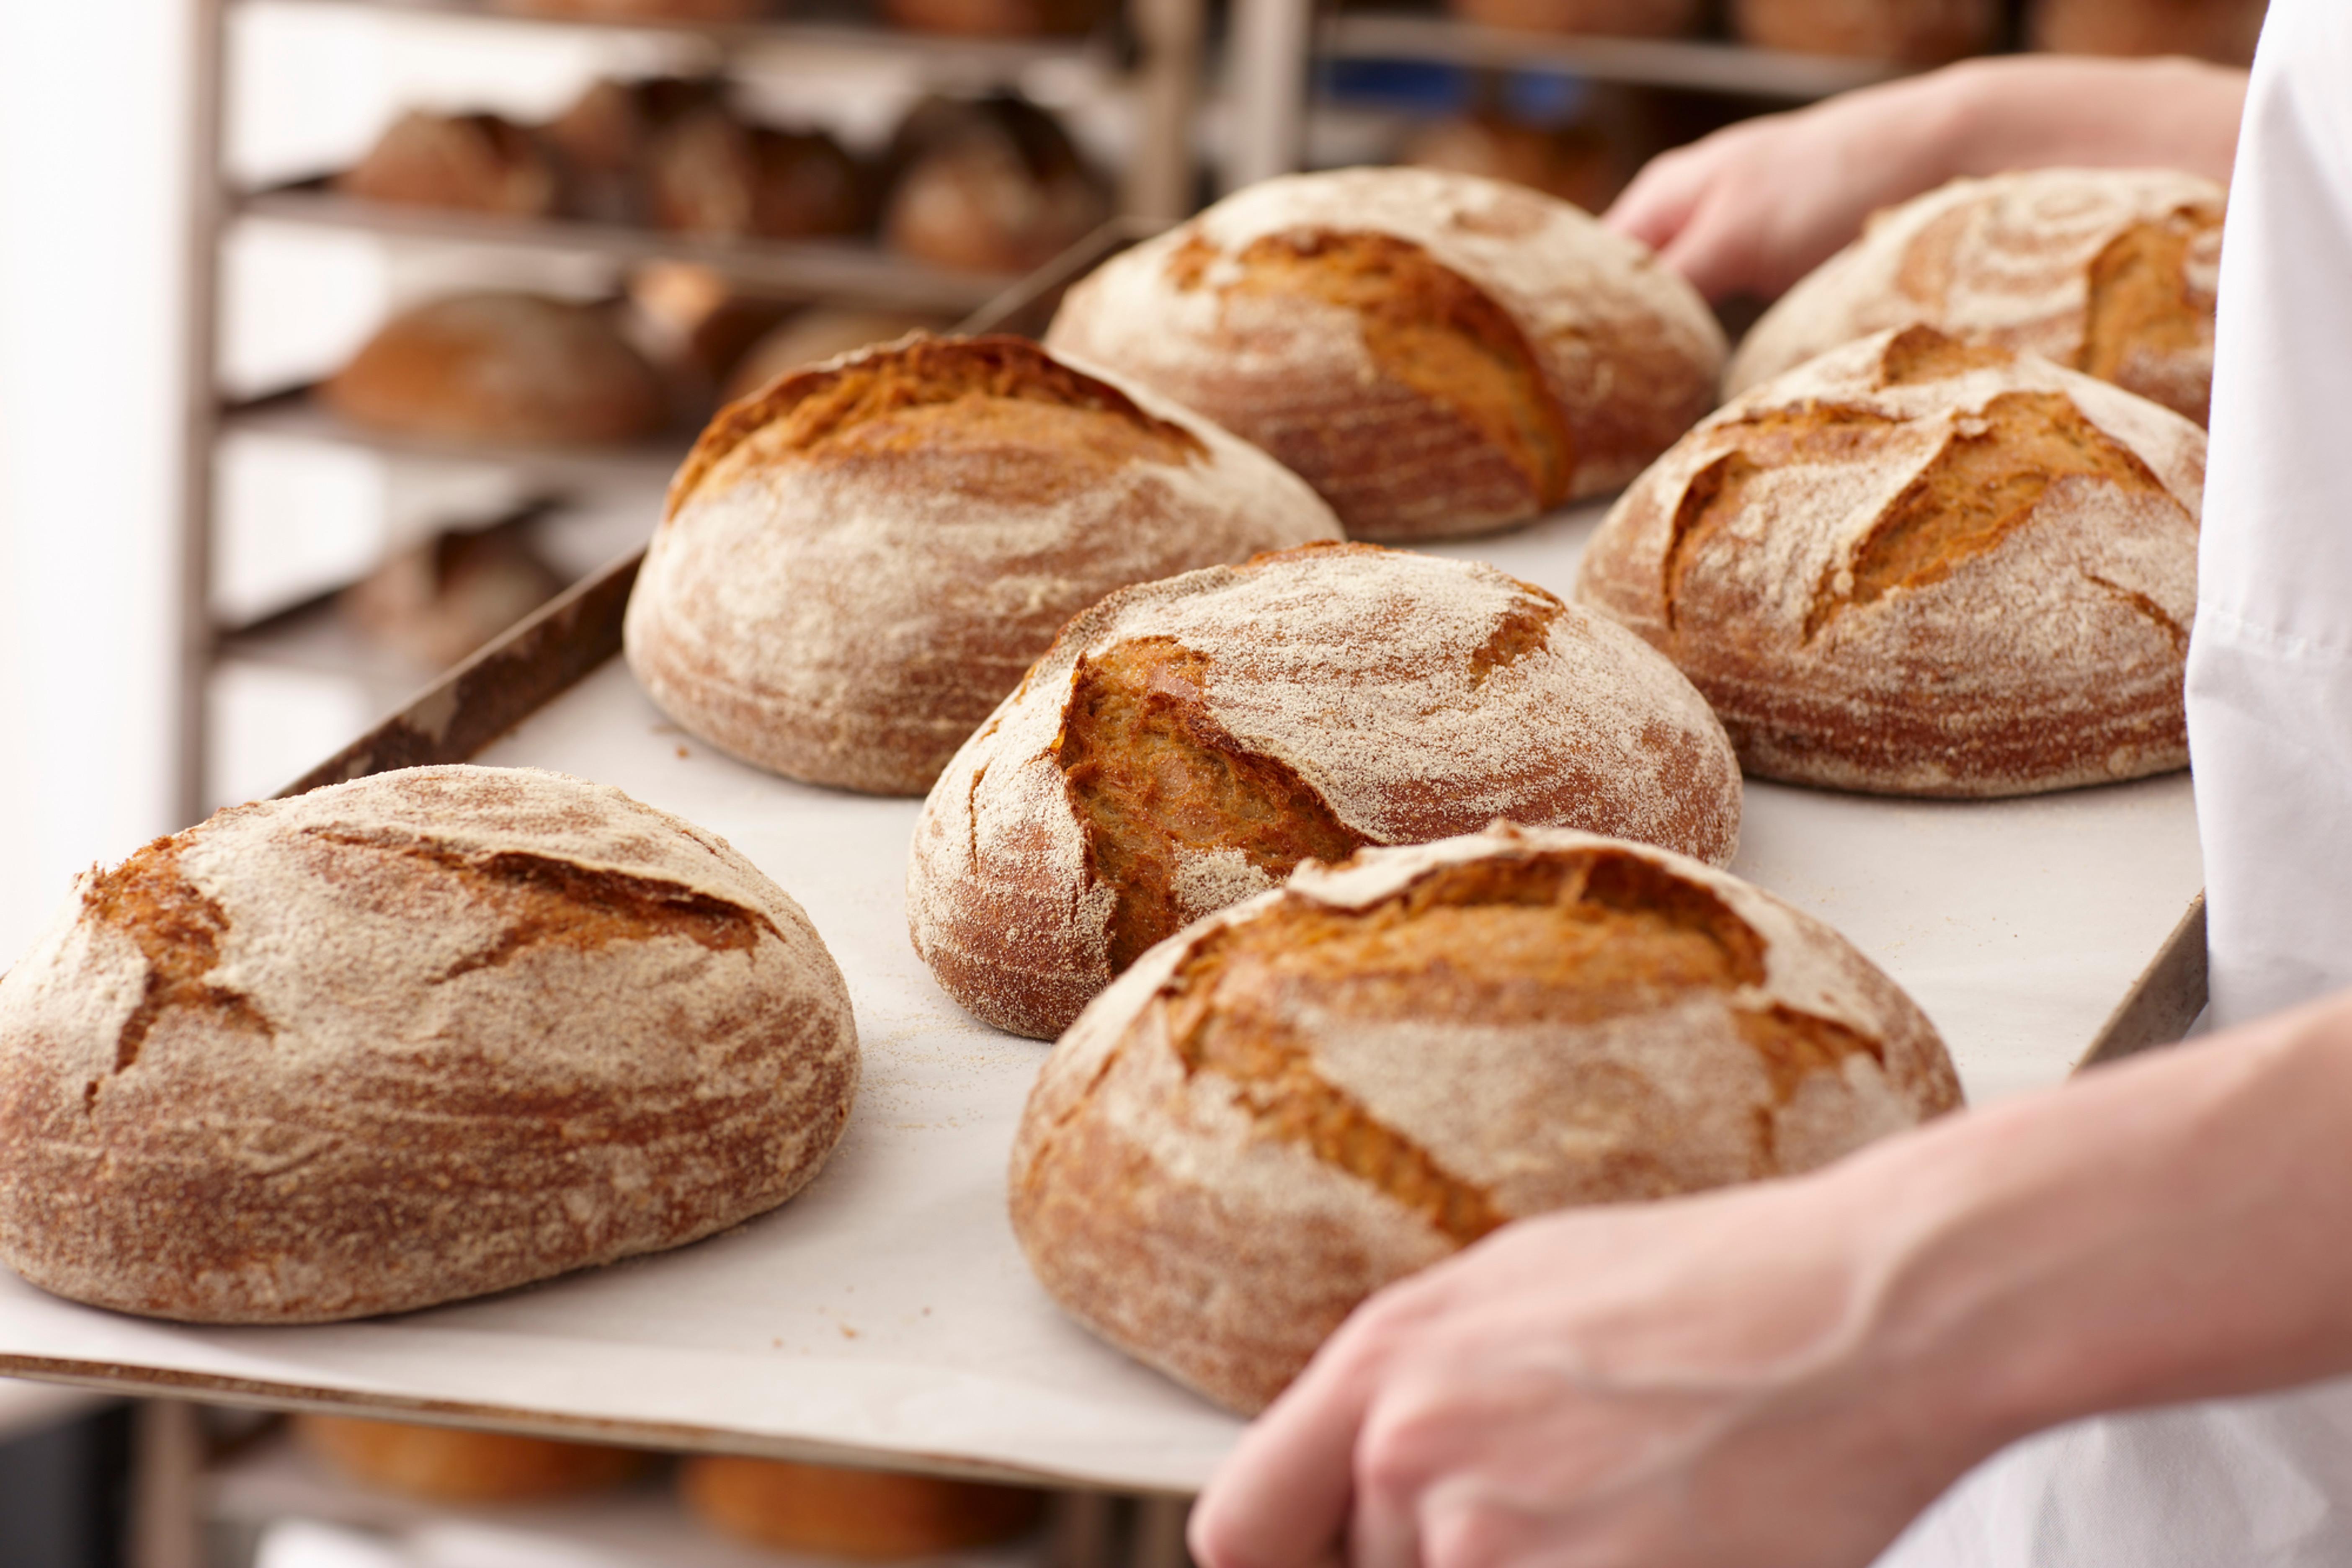 Artisan Bread - Sat 28 Mar - 10-2.30